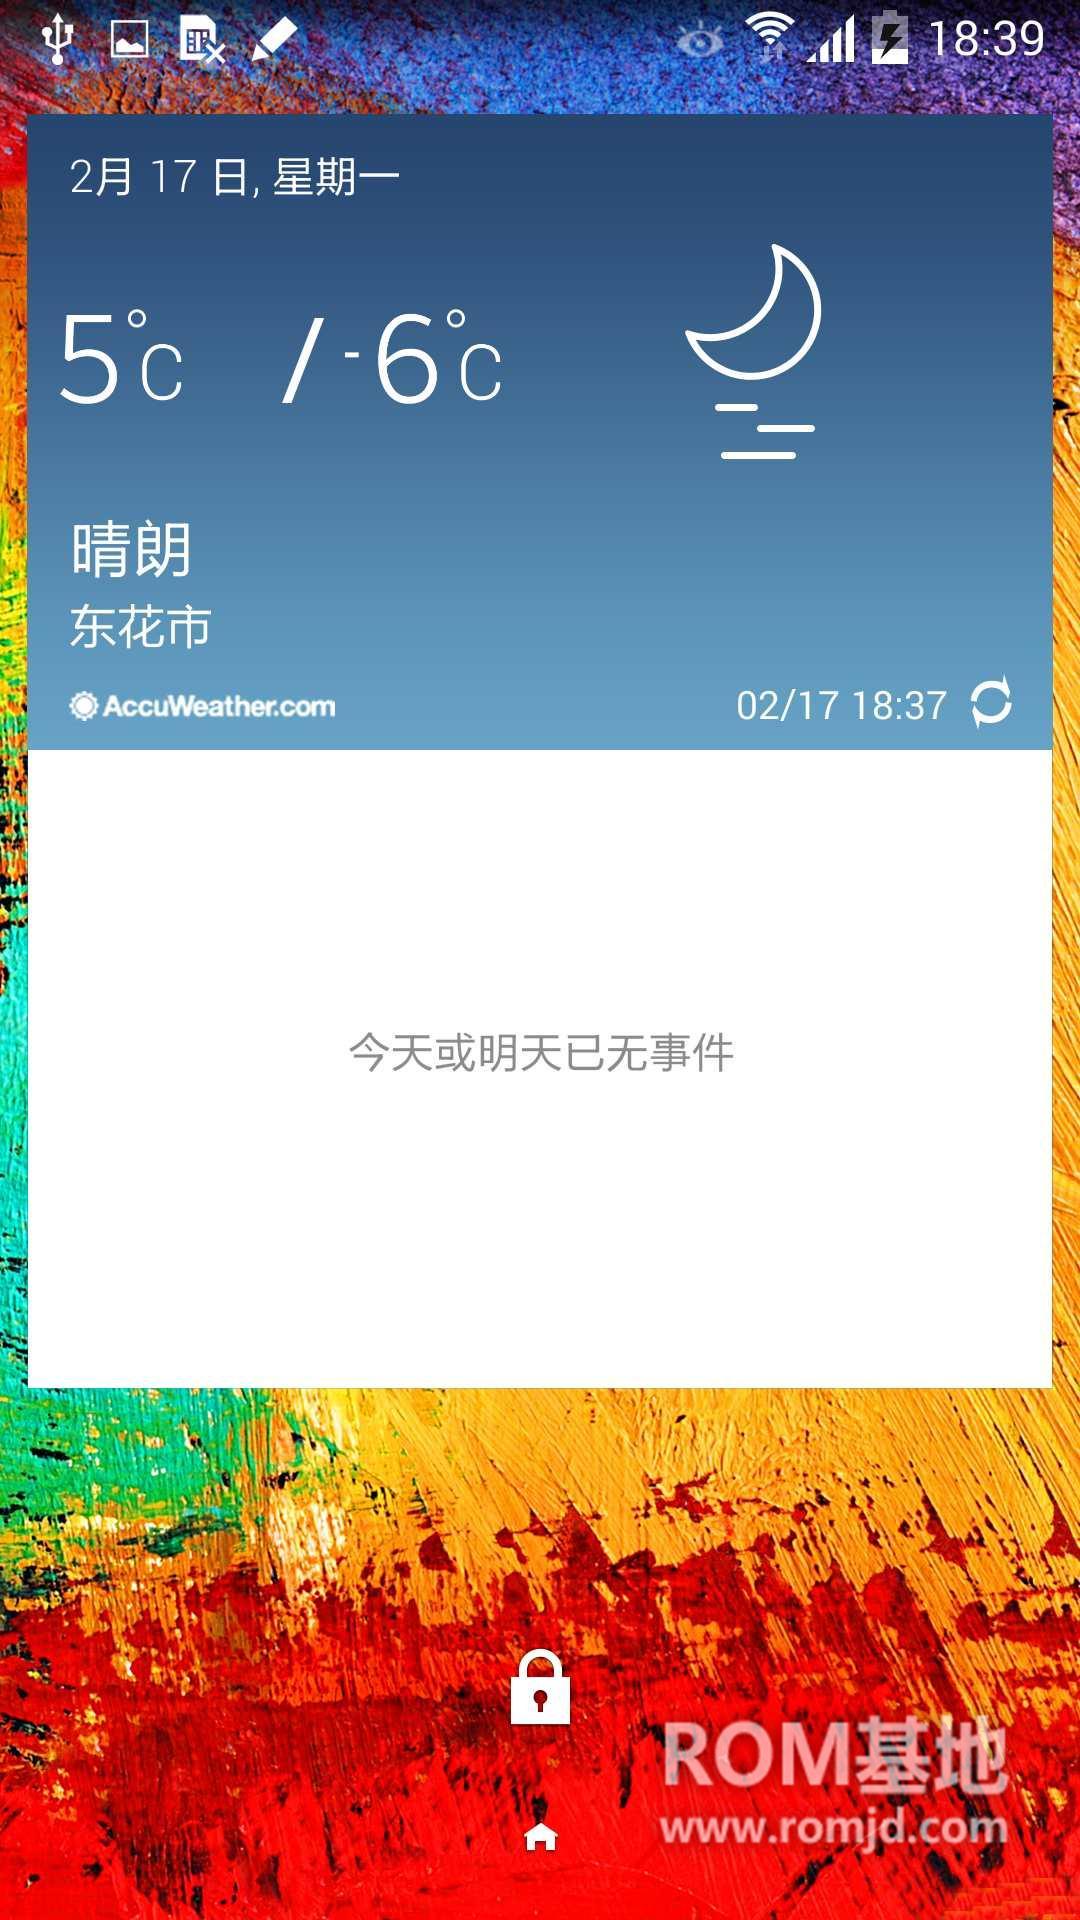 绿化纯净 三星 N900 刷机包 rom  TF4.1 稳定 流畅 纯净版刷机包ROM刷机包截图